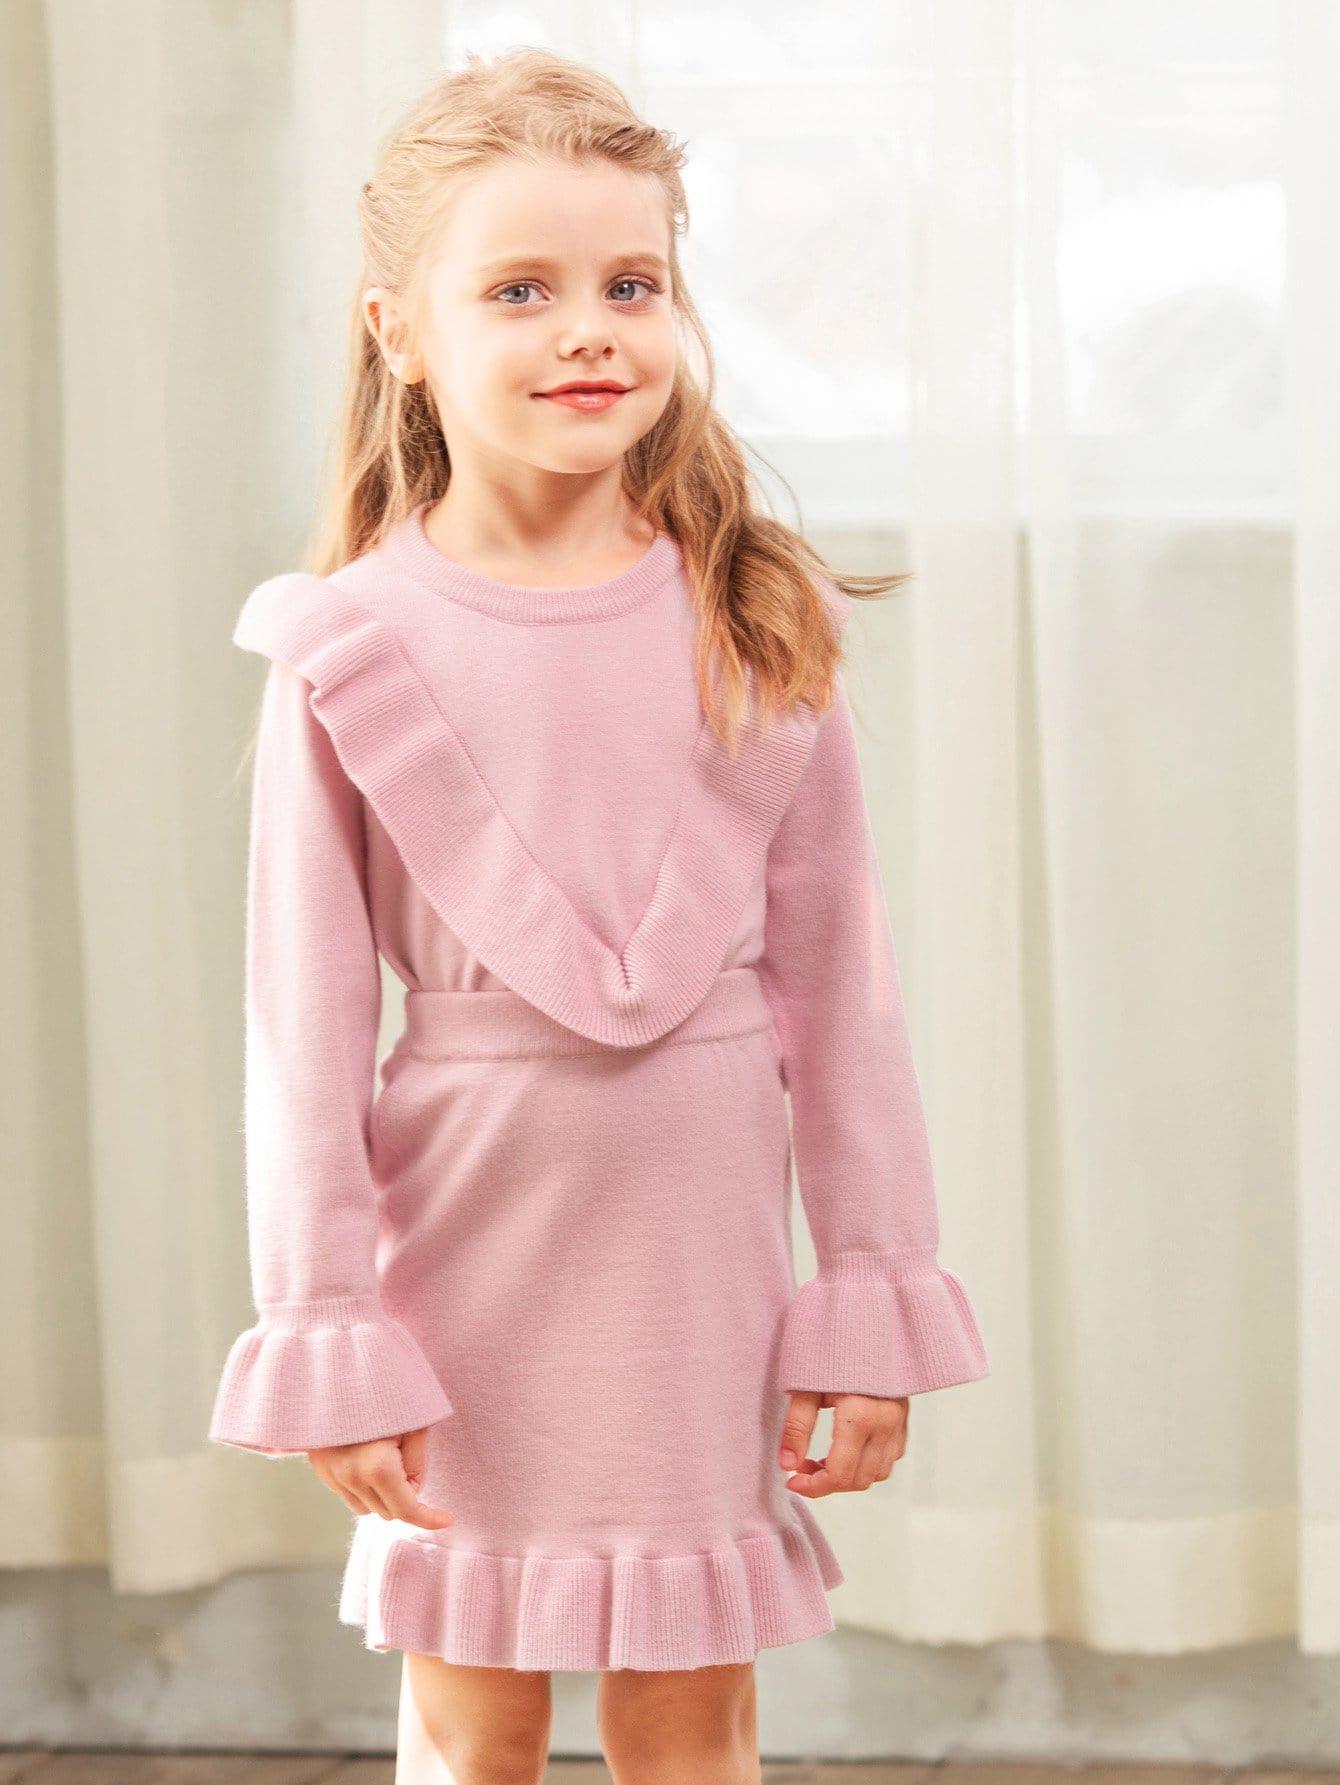 Купить Для маленьких девочек свитер и юбка со оборками, null, SheIn